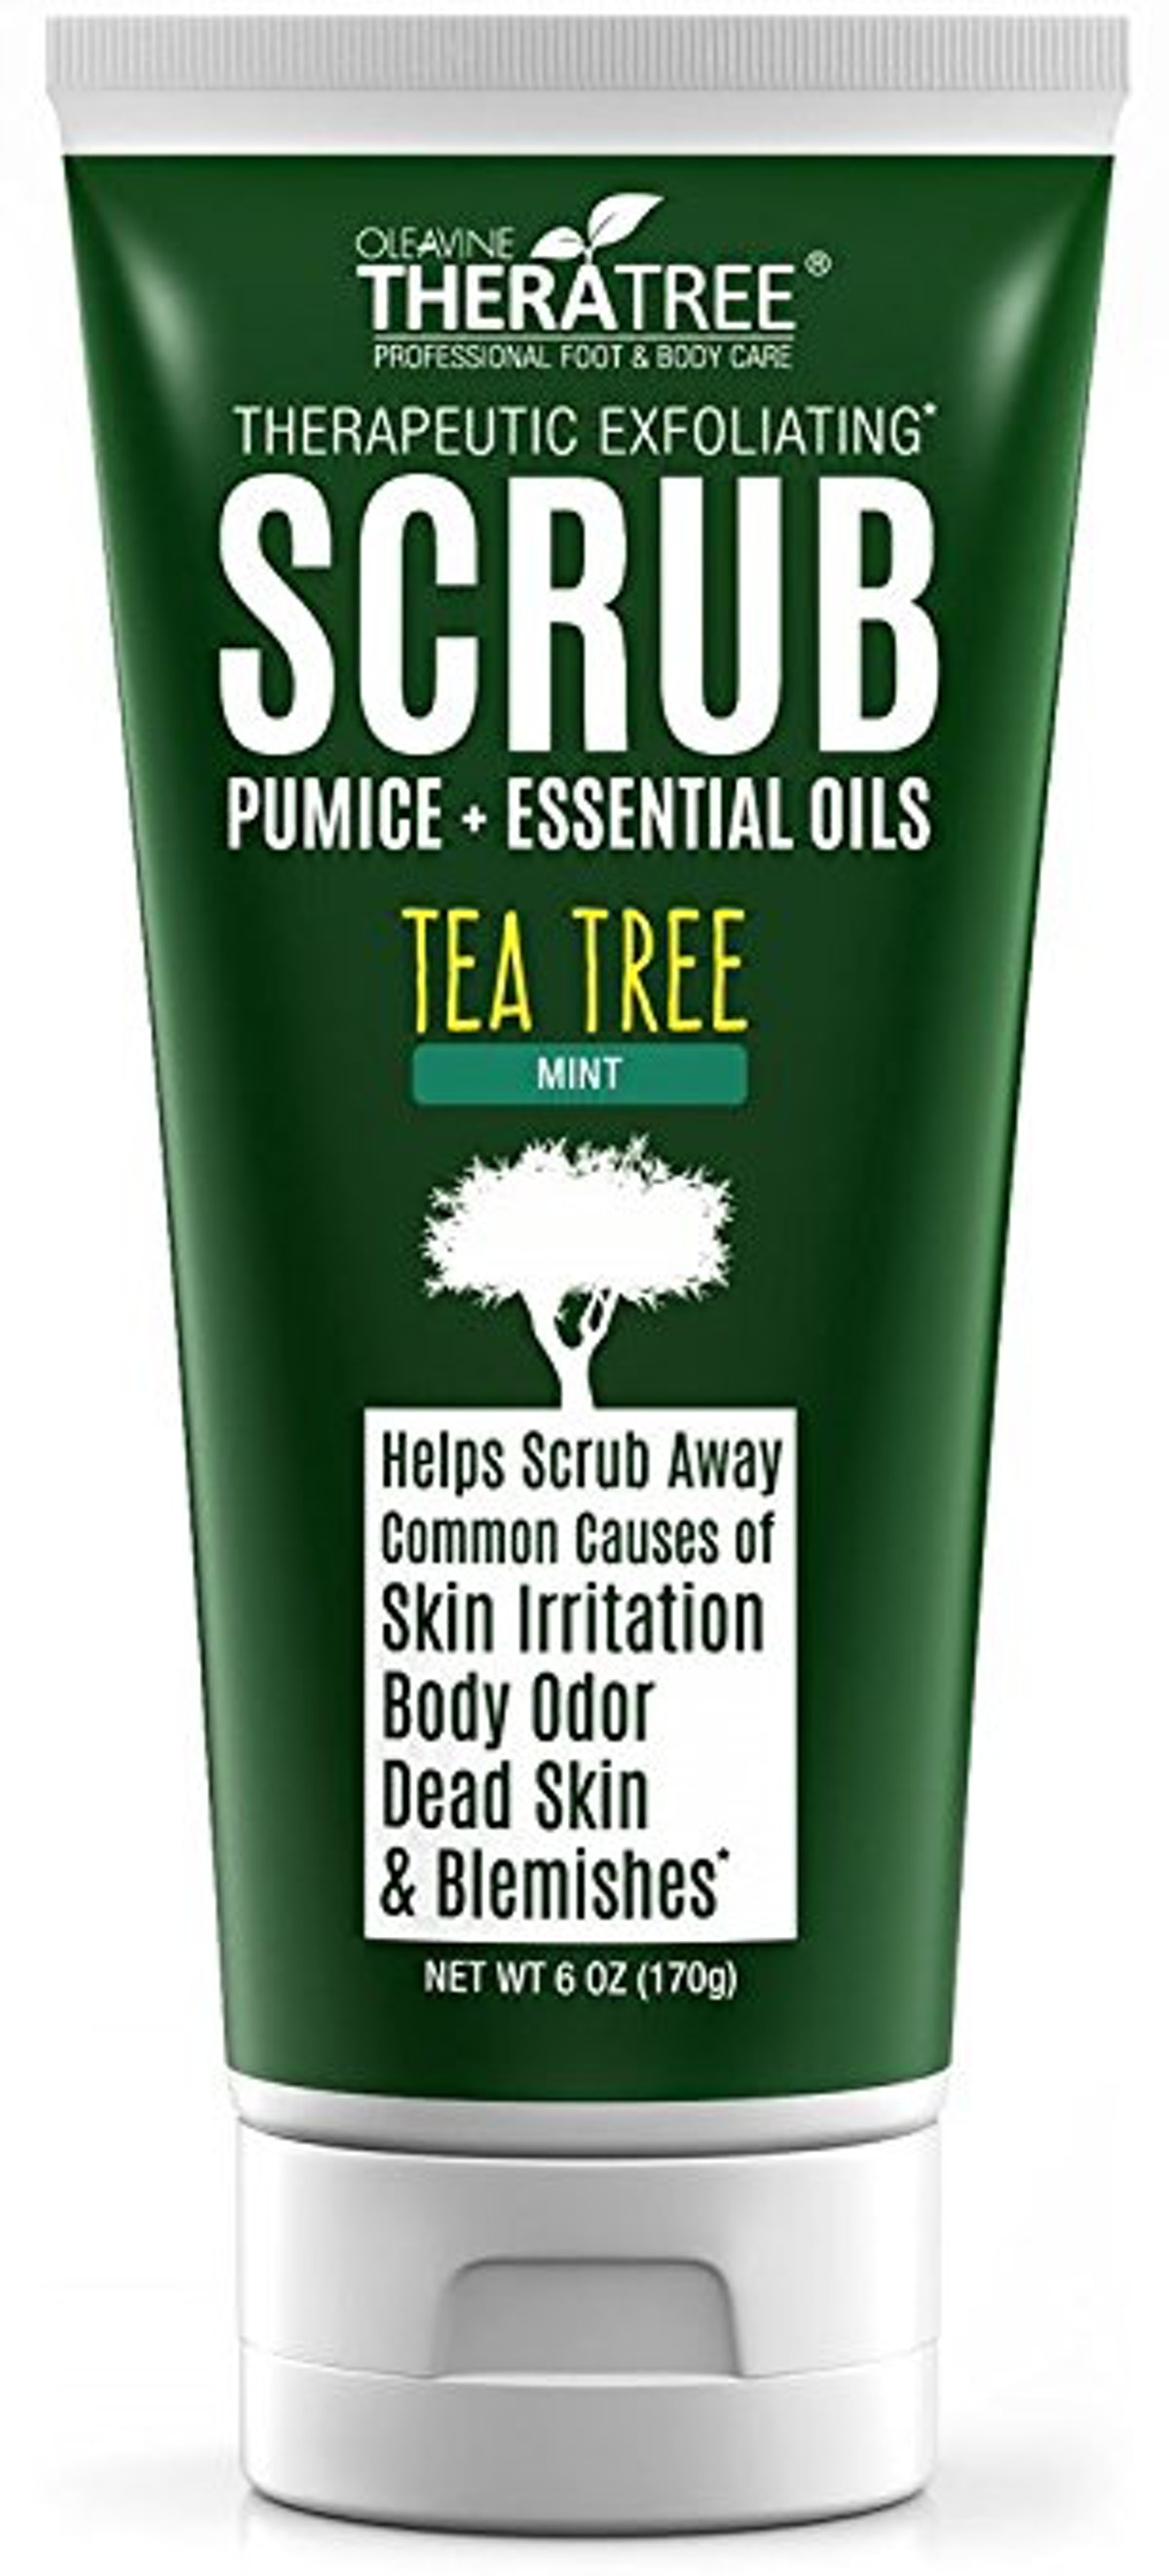 Tea Tree Oil Exfoliating Scrub